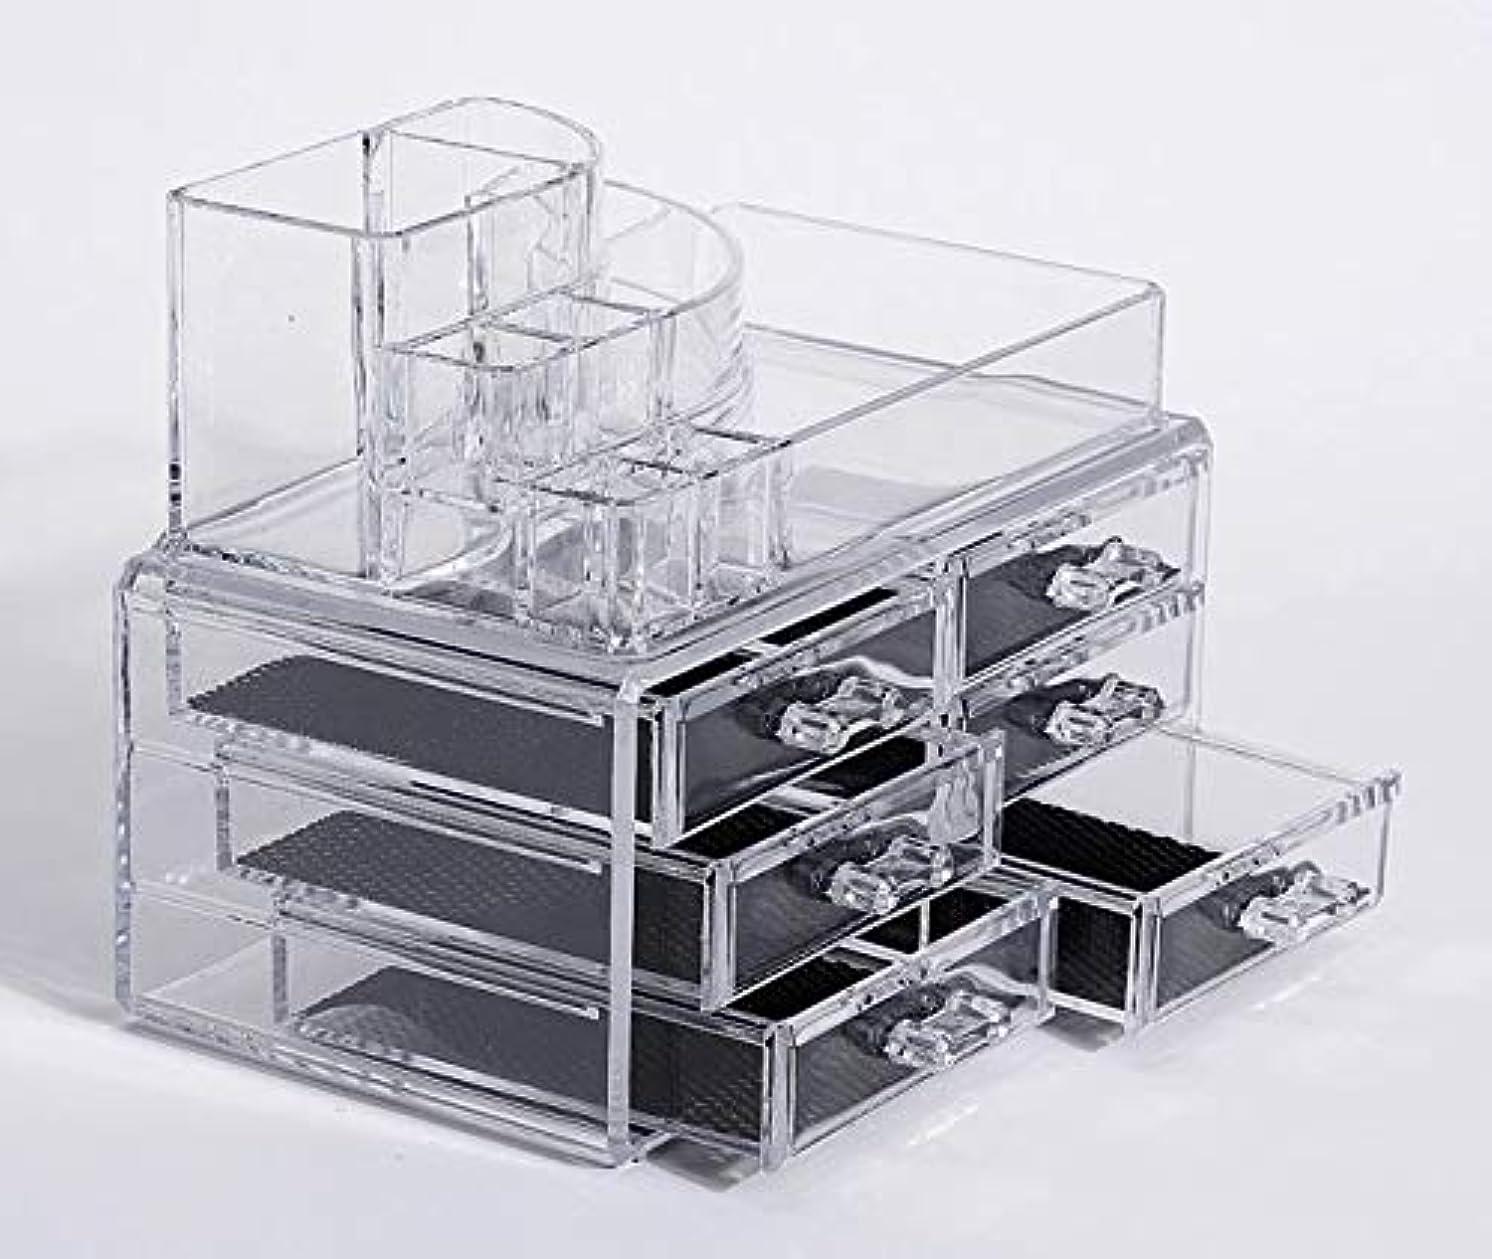 インタラクションキモい裏切る化粧品収納ボックス メイクボックス 化粧品 収納 ニオイなし 騒音なし 防塵 高透明度 強い耐久性